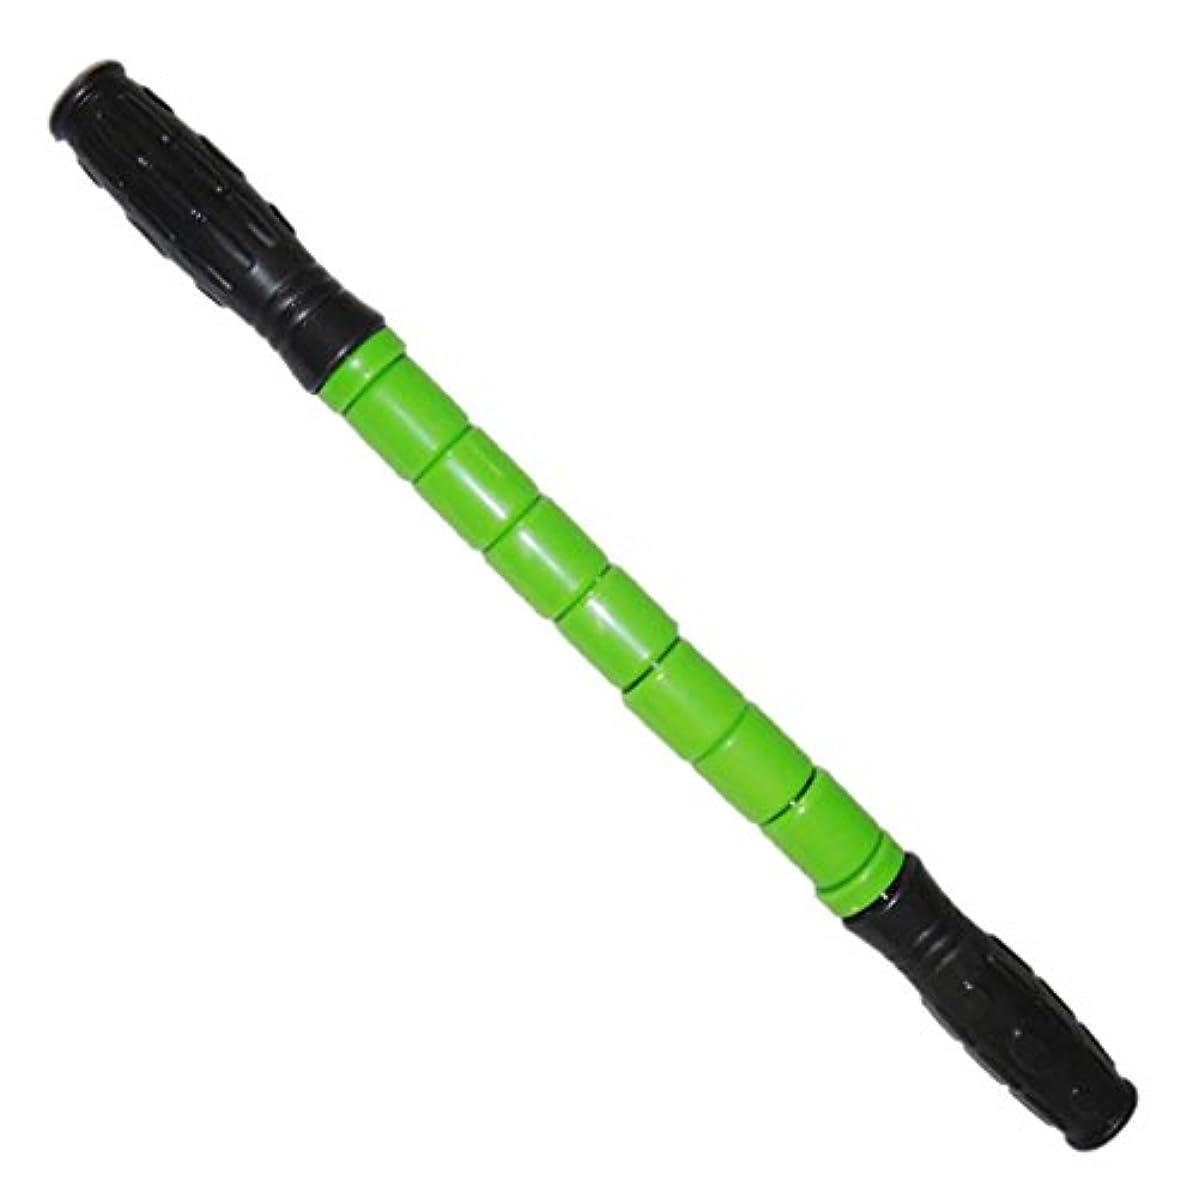 ステージ利益反対するKesoto スティック マッスル マッサージ ローラー  筋肉 グループ 痛み 疲れ 緩和 全3色 - 緑